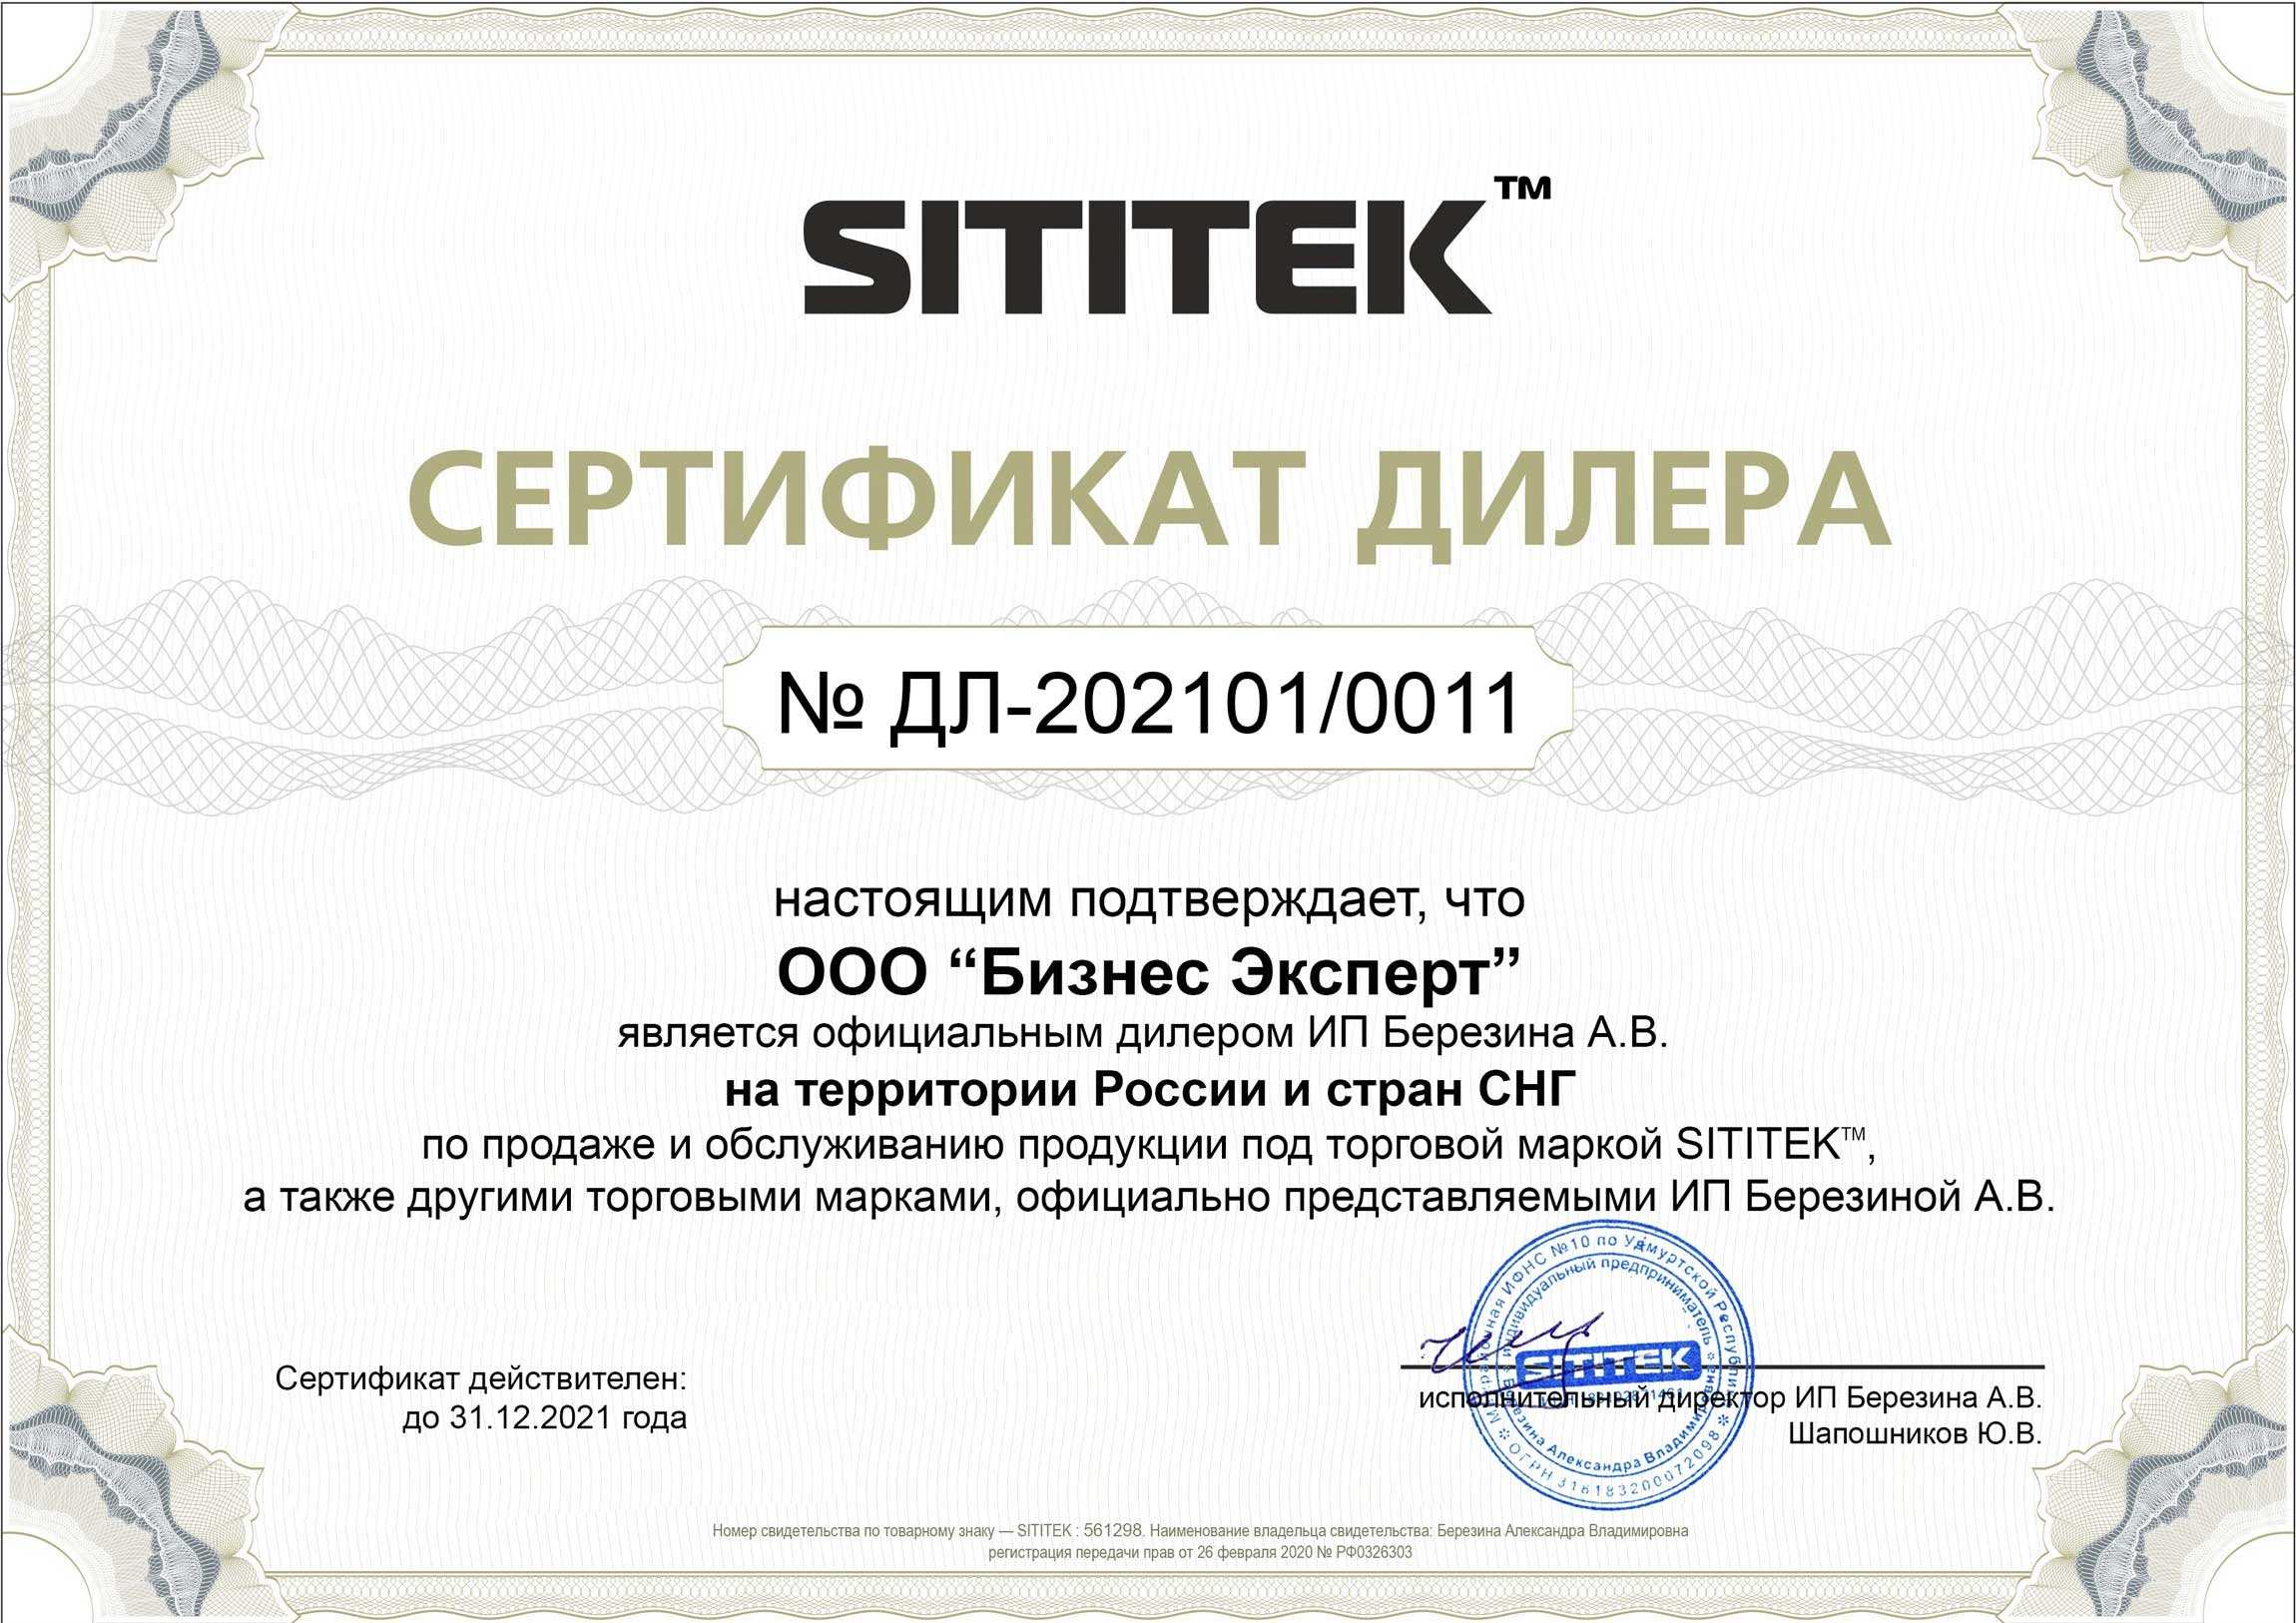 Наш магазин является официальным дилером компании SITITEK и имеет соответствующий сертификат (нажмите для увеличения)